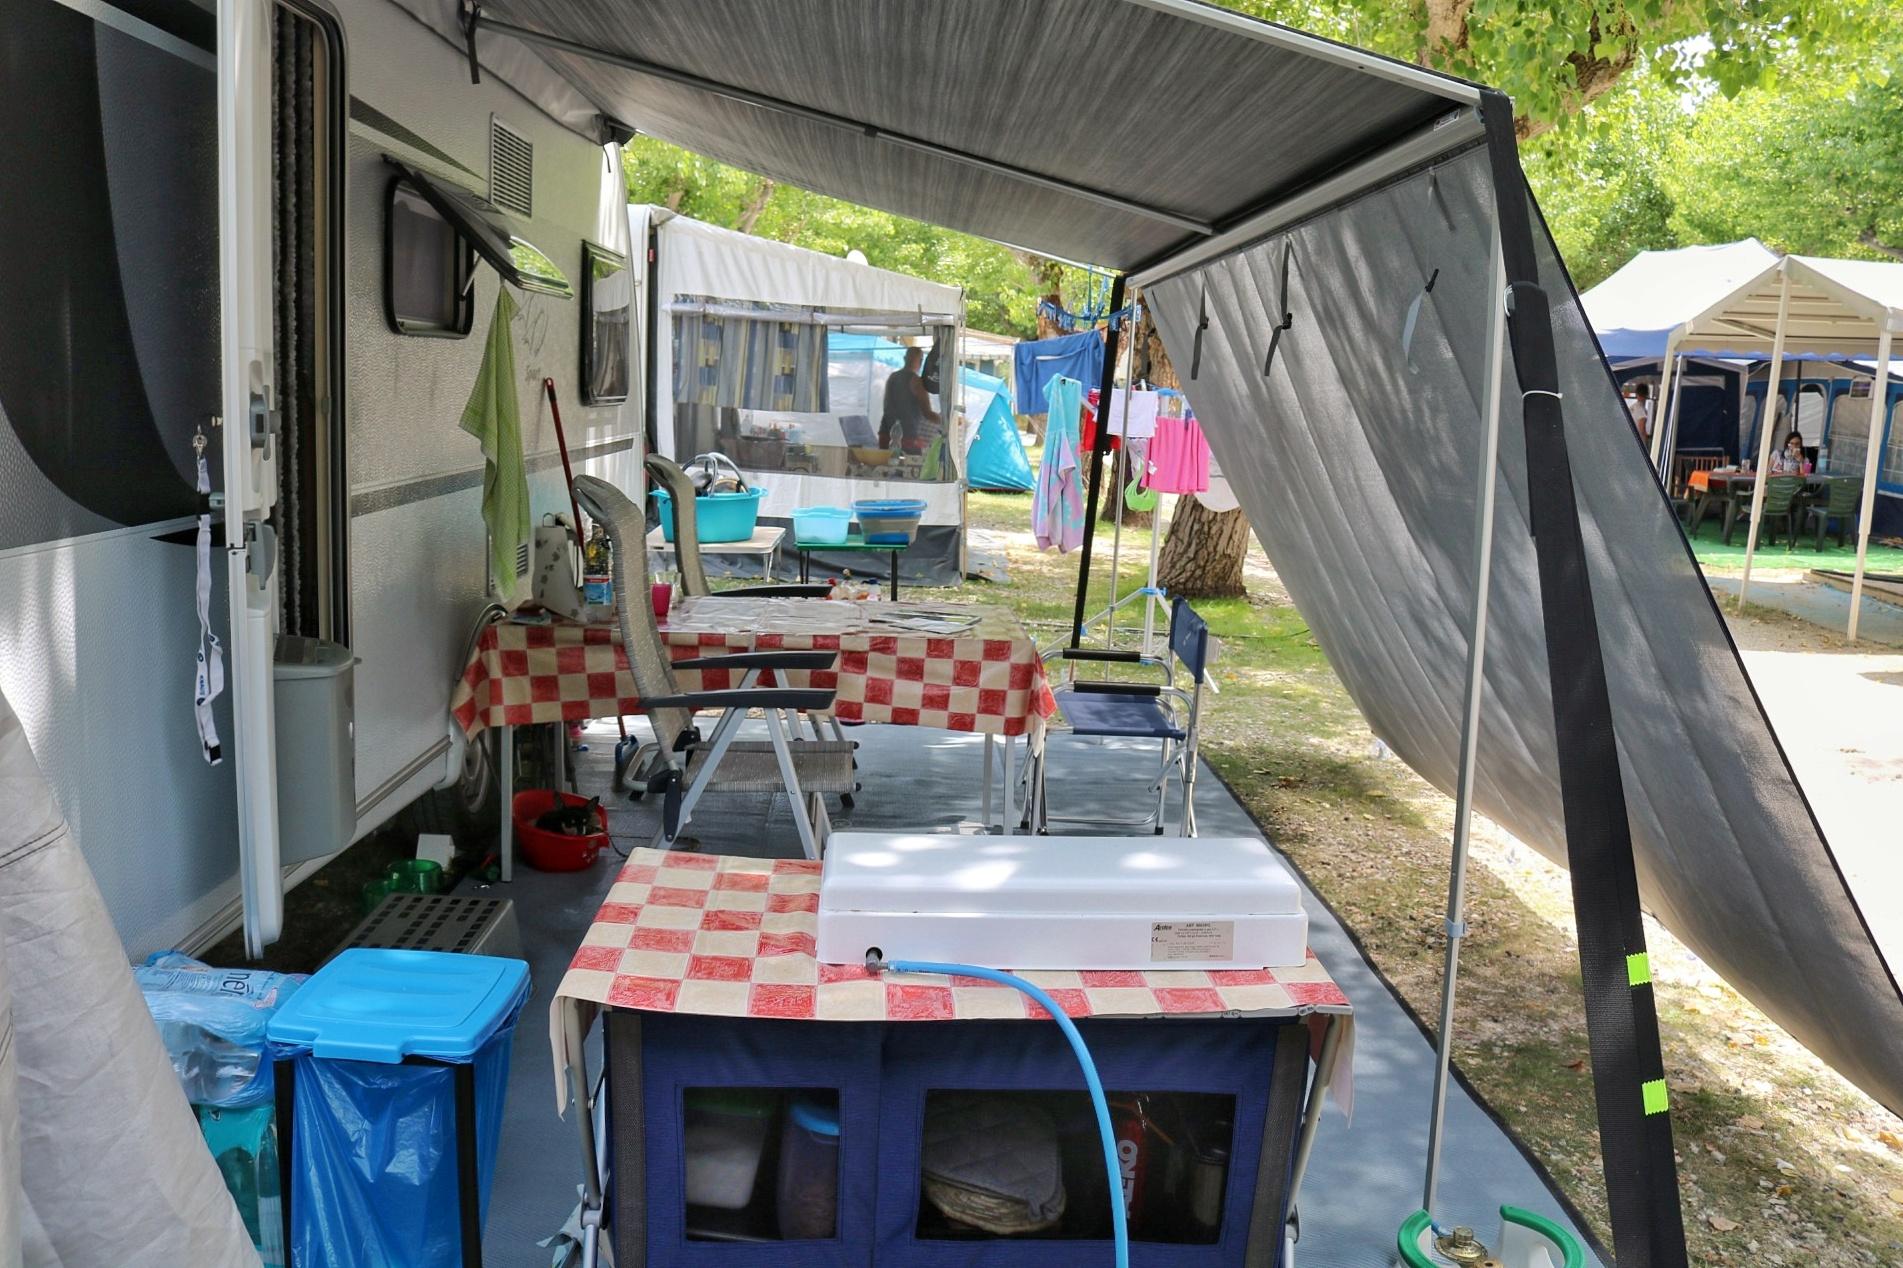 Attrezzatura per campeggio: cosa portare per una vacanza lunga